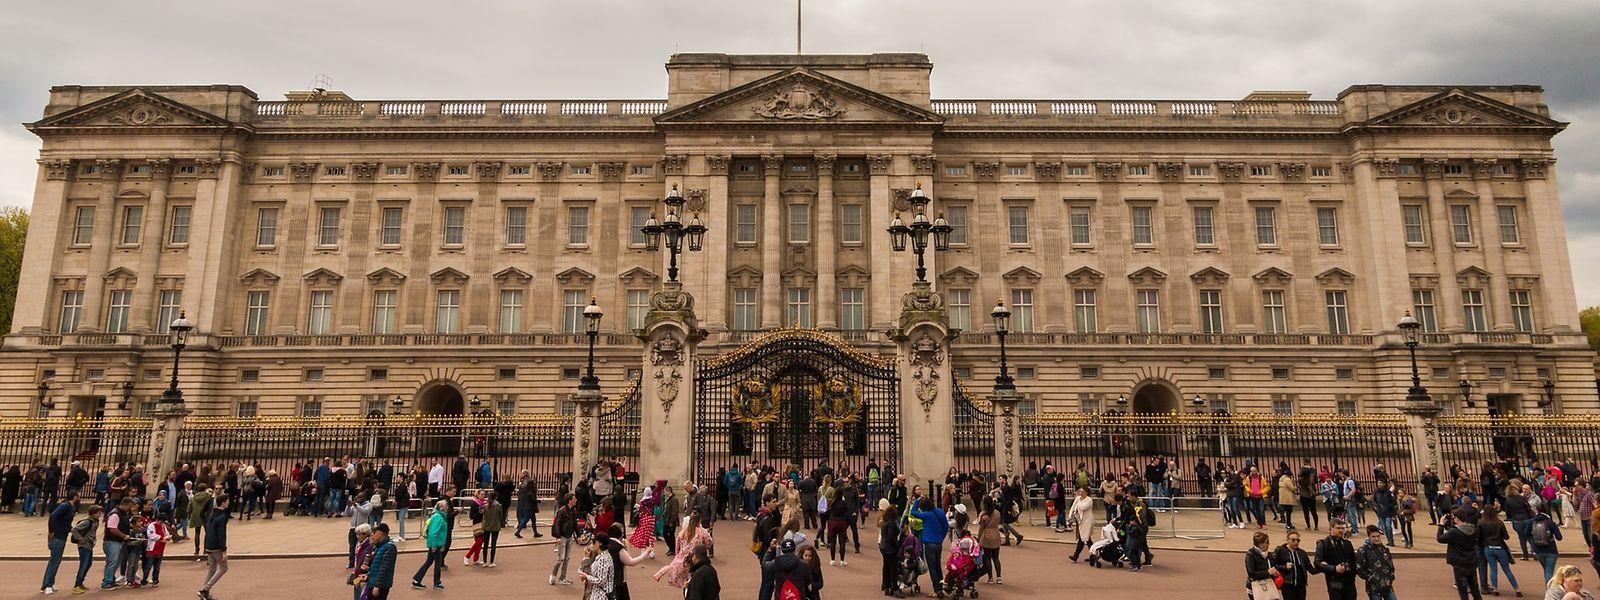 Der Eindringling kletterte über die Absperrungen und versuchte, sich Zugang zum Buckingham Palace zu verschaffen.